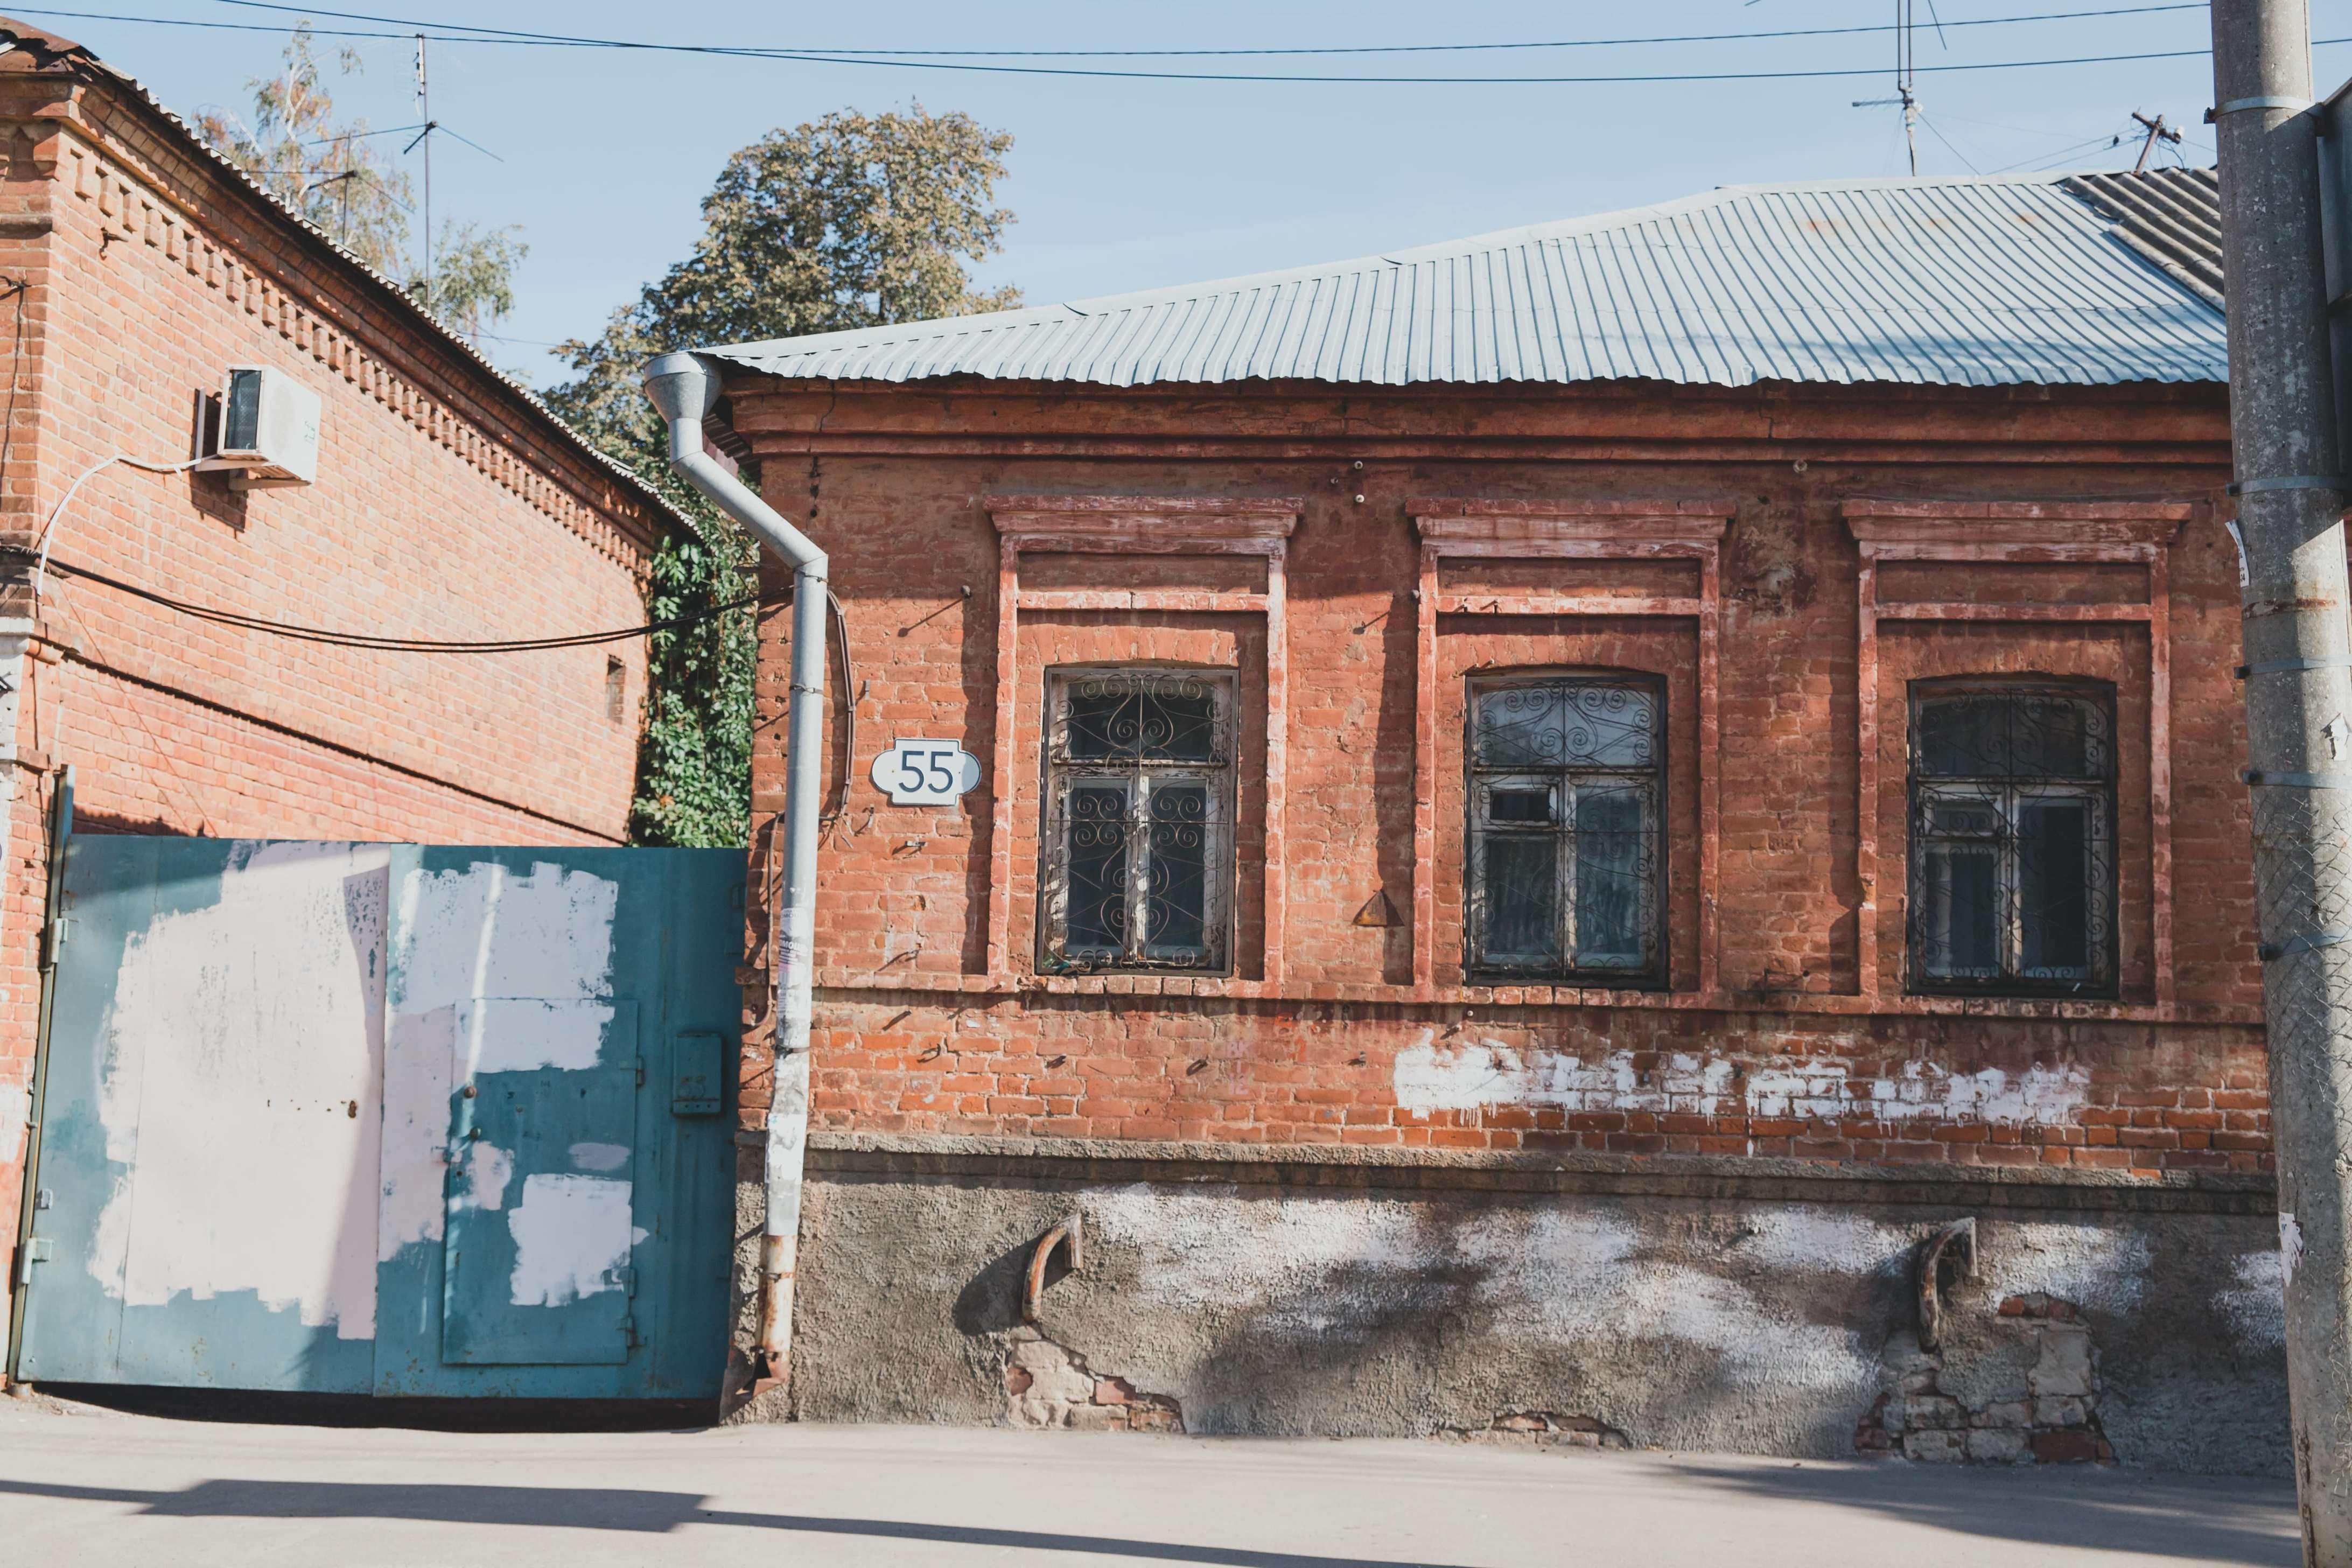 Чапаевская, 55 дом в котором жил Алексей Толстой